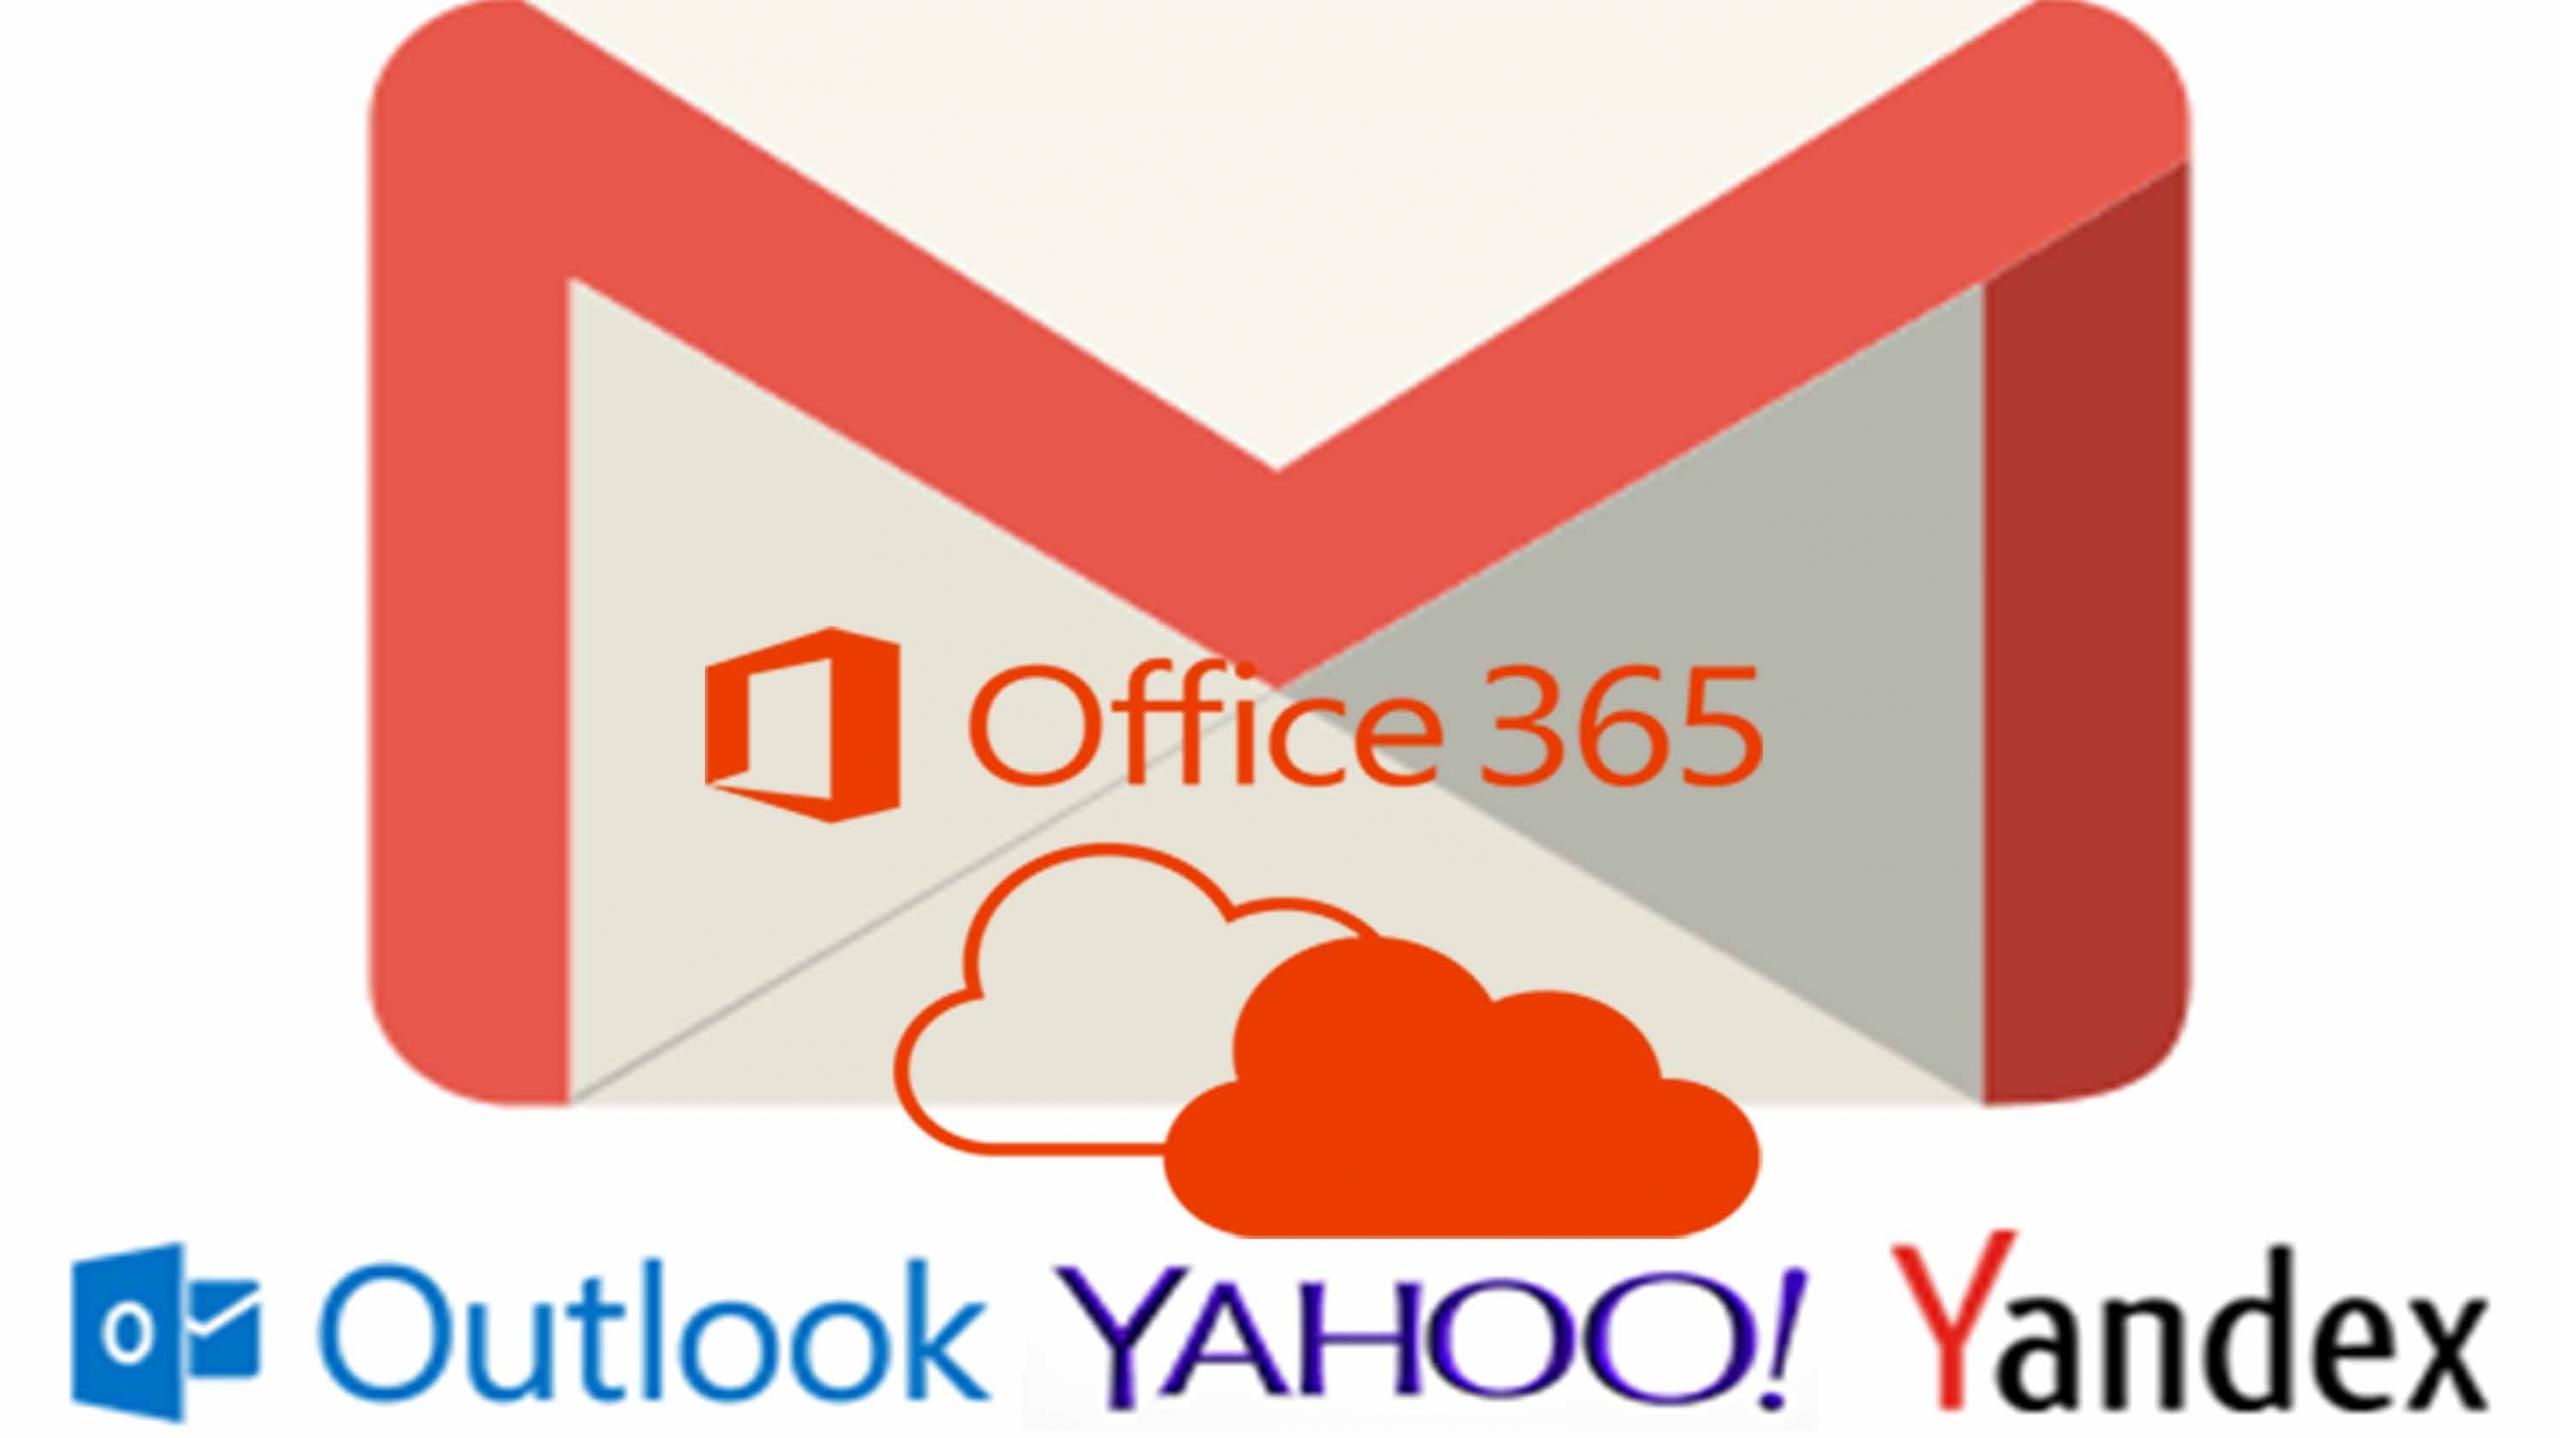 Kurumsal E-Maillerde Google ve Yandex Kullanımı